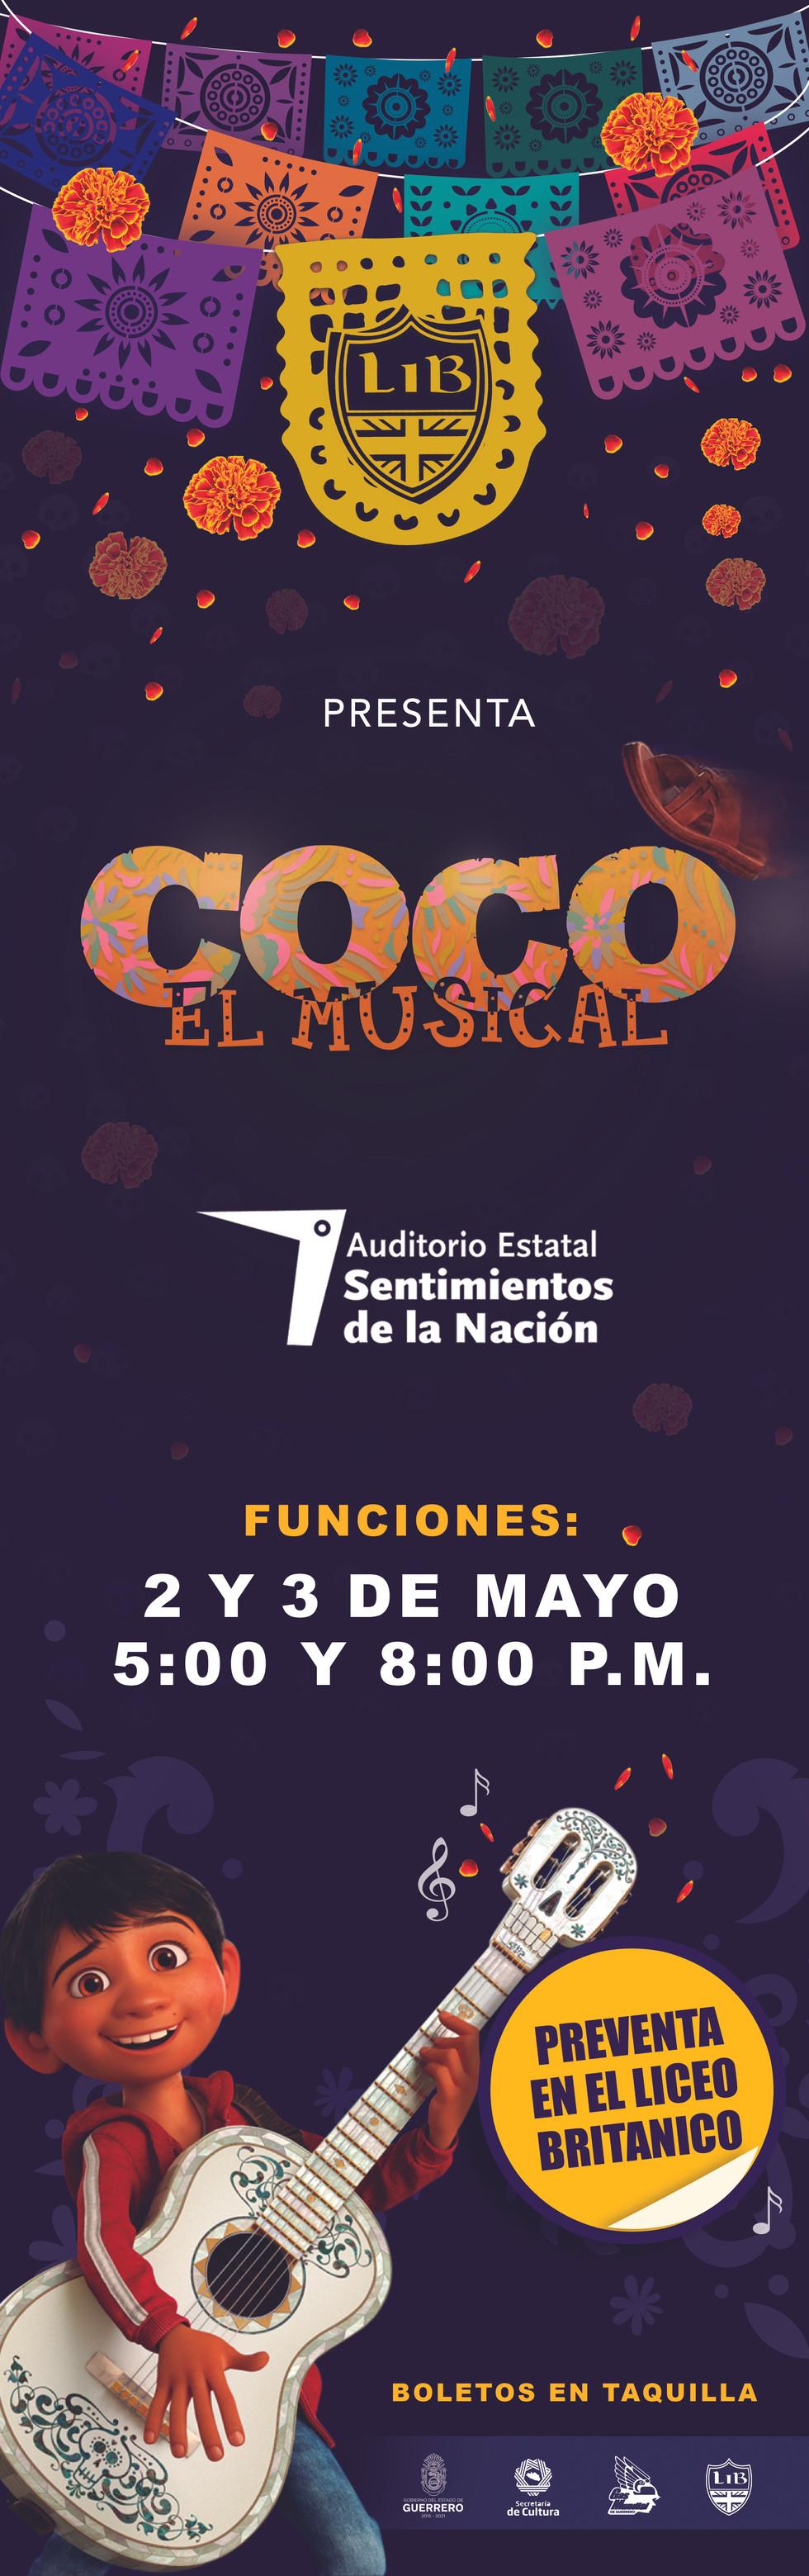 COCO: El Musical